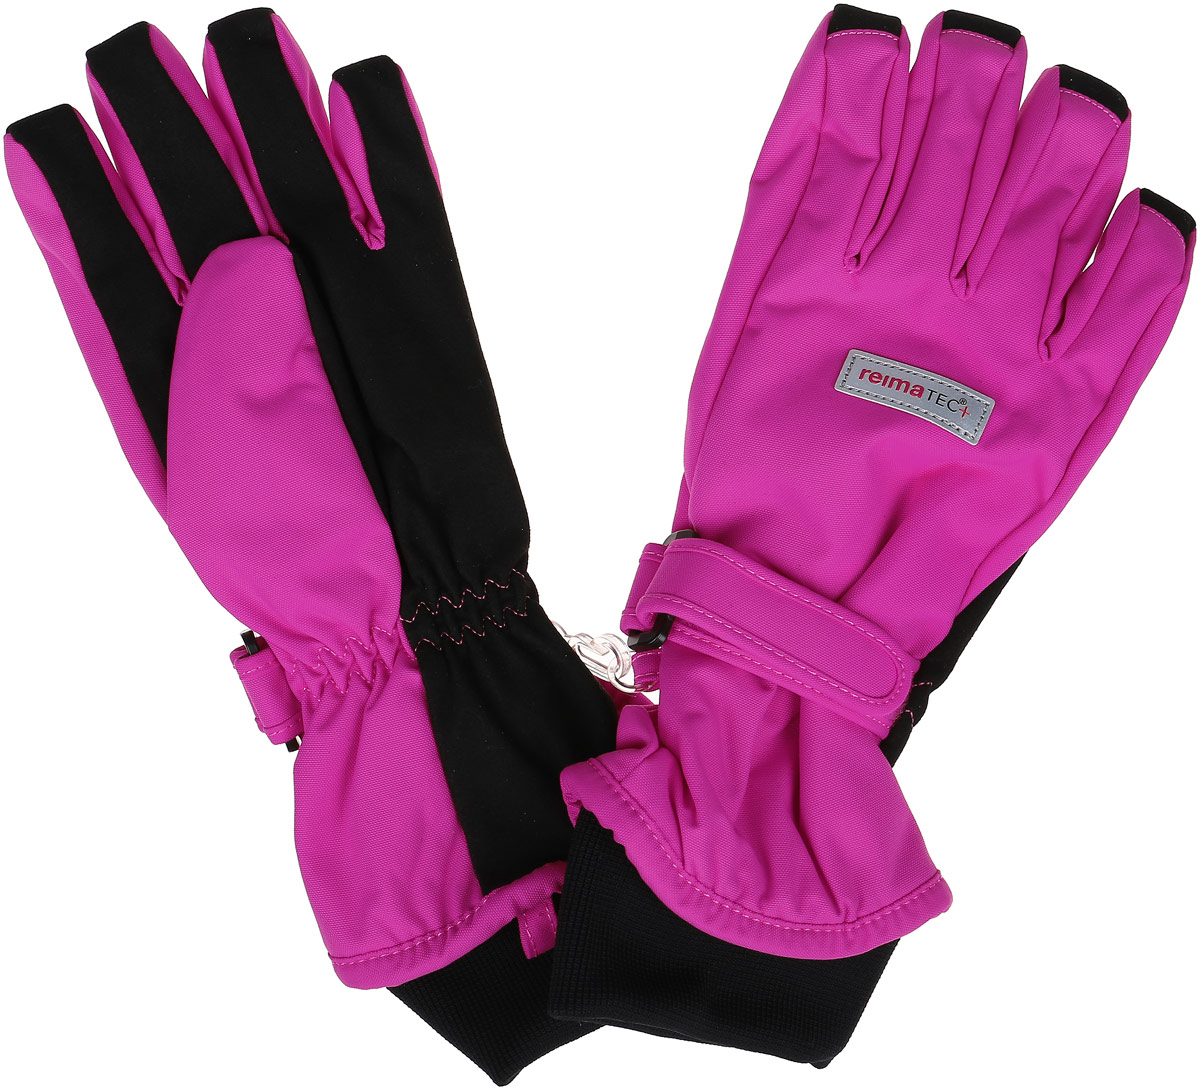 Перчатки детские Reima Reima Reimatec+ Pivo, цвет: розовый. 527255-4620. Размер 8527255_4620Детские перчатки Reima Reima Reimatec+ Pivo станут идеальным вариантом для холодной зимней погоды. На подкладке используется высококачественный полиэстер, который хорошо удерживает тепло.Для большего удобства на запястьях перчатки дополнены хлястиками на липучках с внешней стороны, а на ладошках, кончиках пальцев и с внутренней стороны большого пальца - усиленными водонепроницаемыми вставками Hipora. Теплая флисовая подкладка дарит коже ощущение комфорта и уюта. С внешней стороны перчатки оформлены светоотражающими нашивками с логотипом бренда.Перчатки станут идеальным вариантом для прохладной погоды, в них ребенку будет тепло и комфортно. Водонепроницаемость: Waterpillar over 10 000 mm